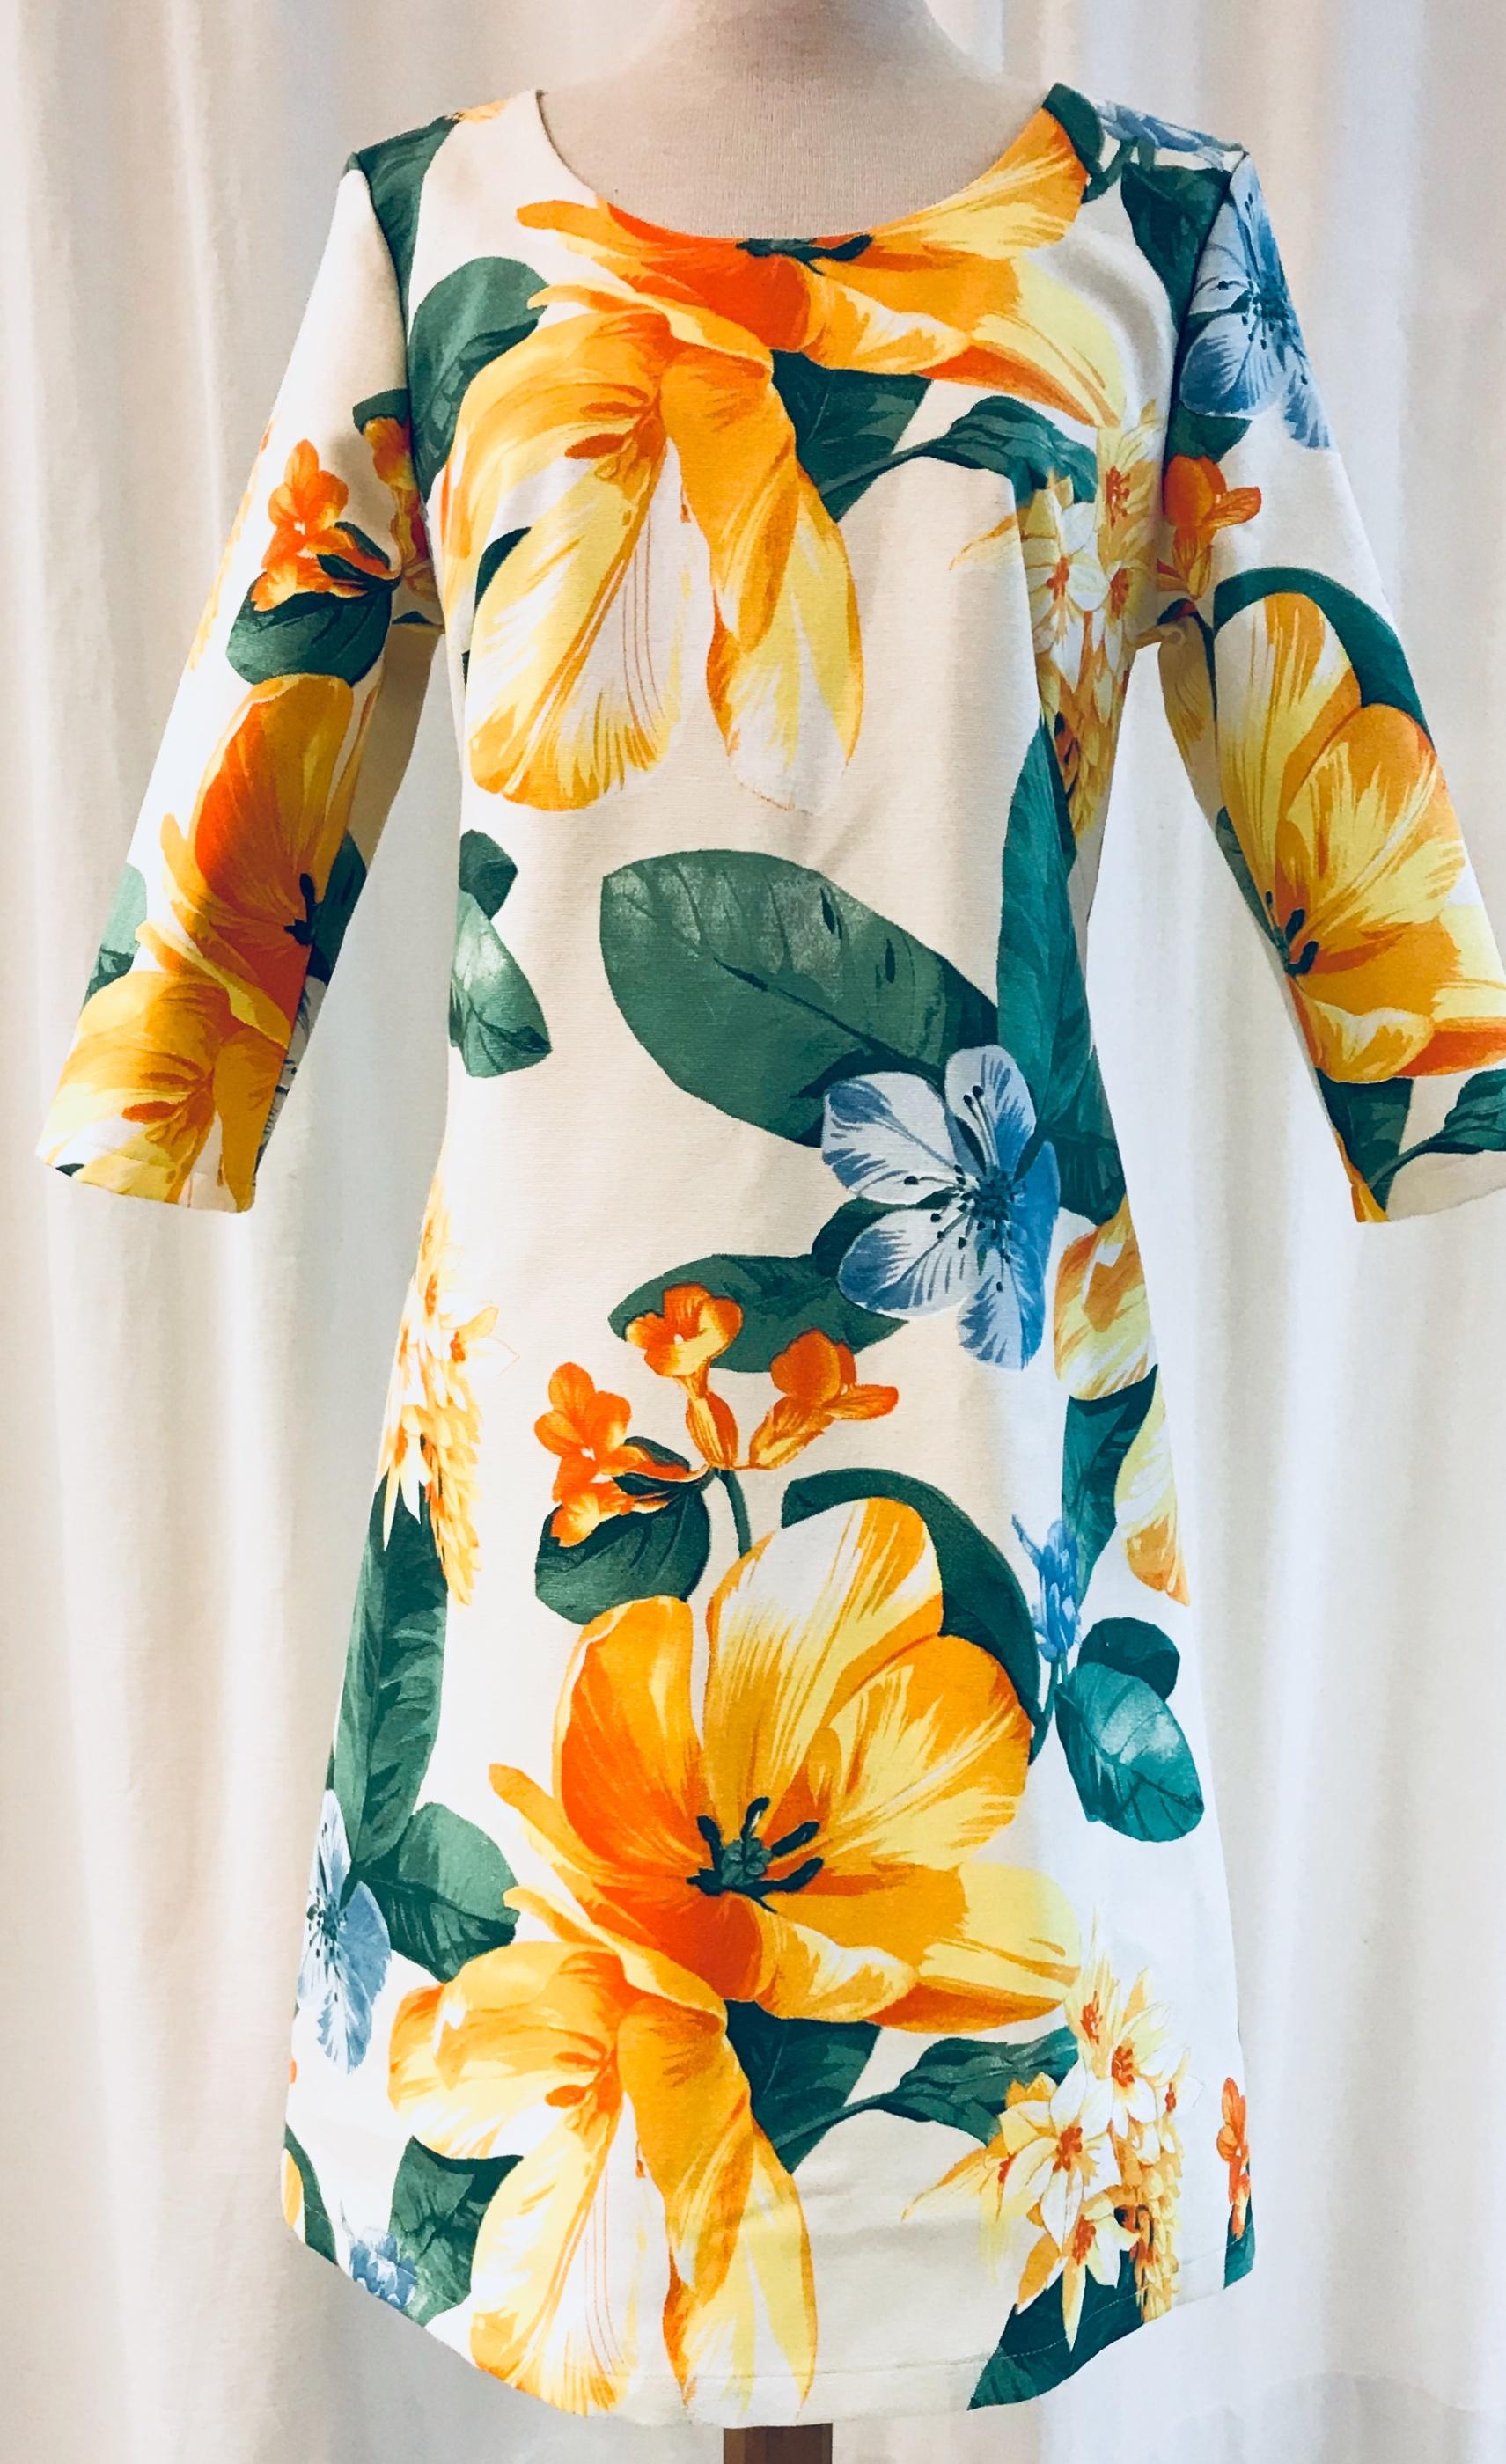 solbritt klänning solgul gul sommar blommor unik design